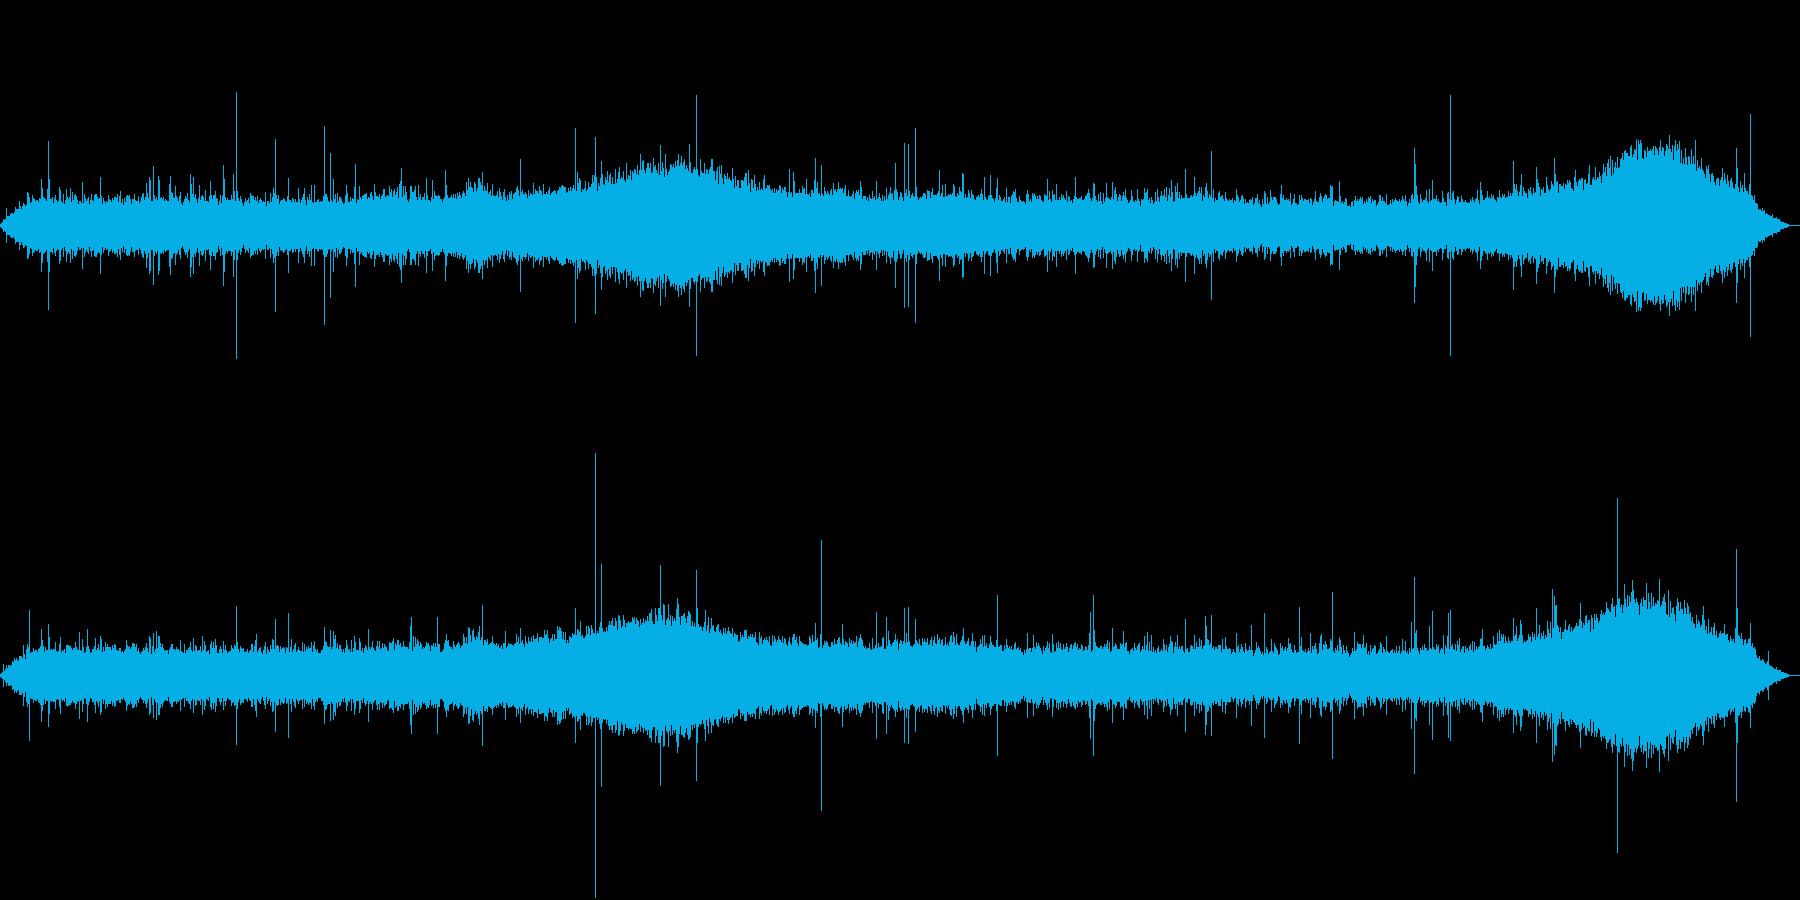 【生録音】朝の通勤時間帯 雨の音 2の再生済みの波形